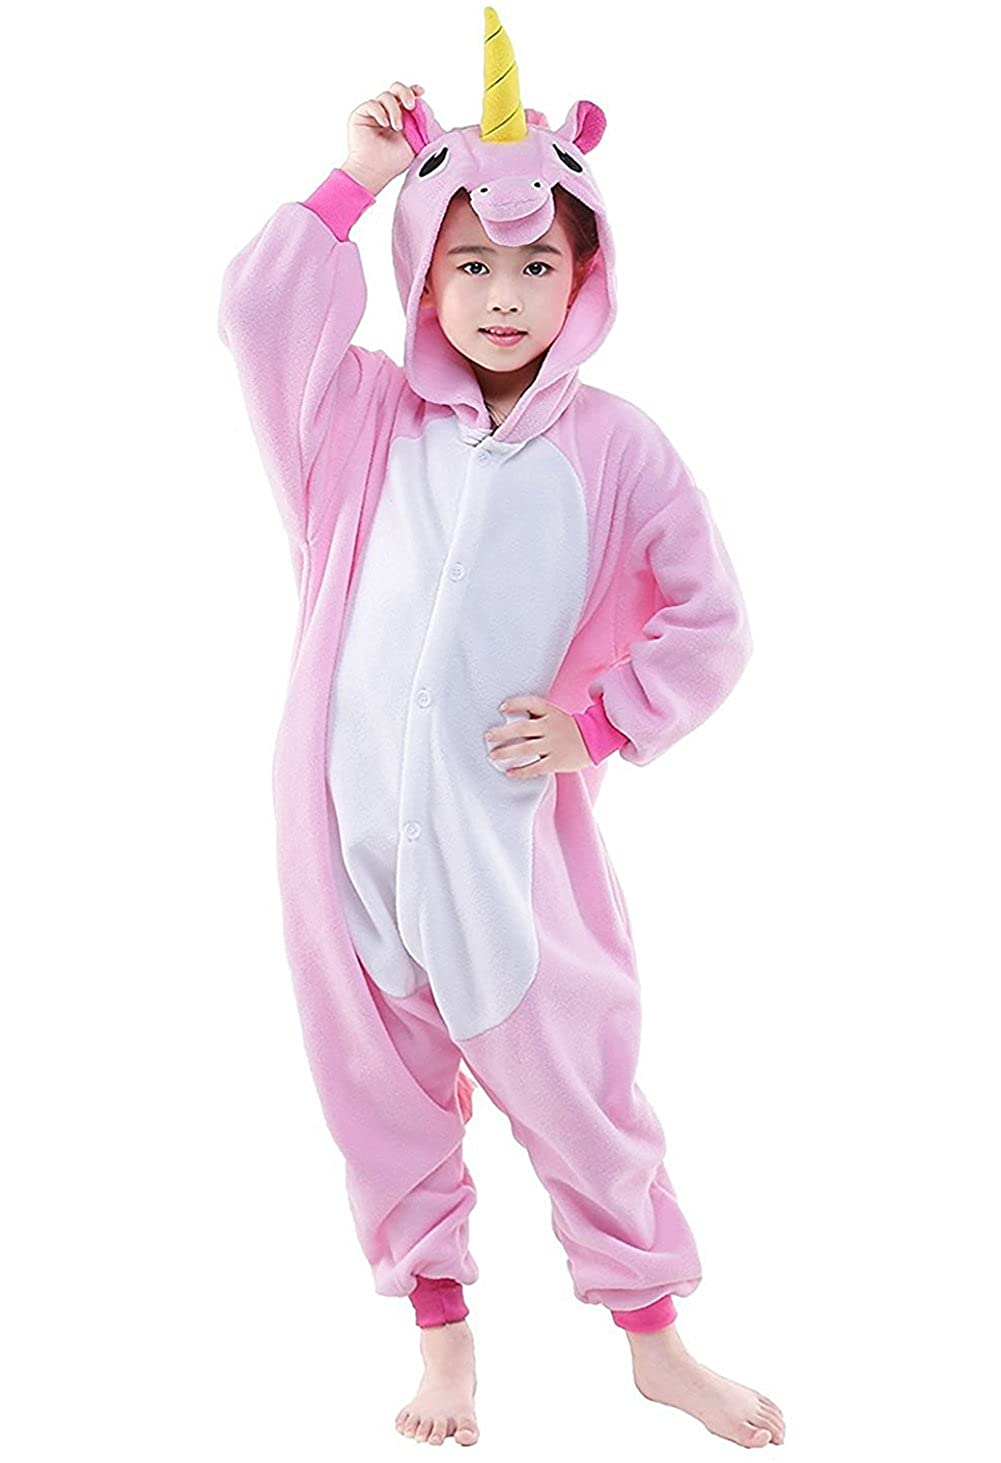 DarkCom Kinder Einhorn-Onesies Cartoon Pyjamas Nachtwä sche Halloween Kigurumi Cosplay Kostü me